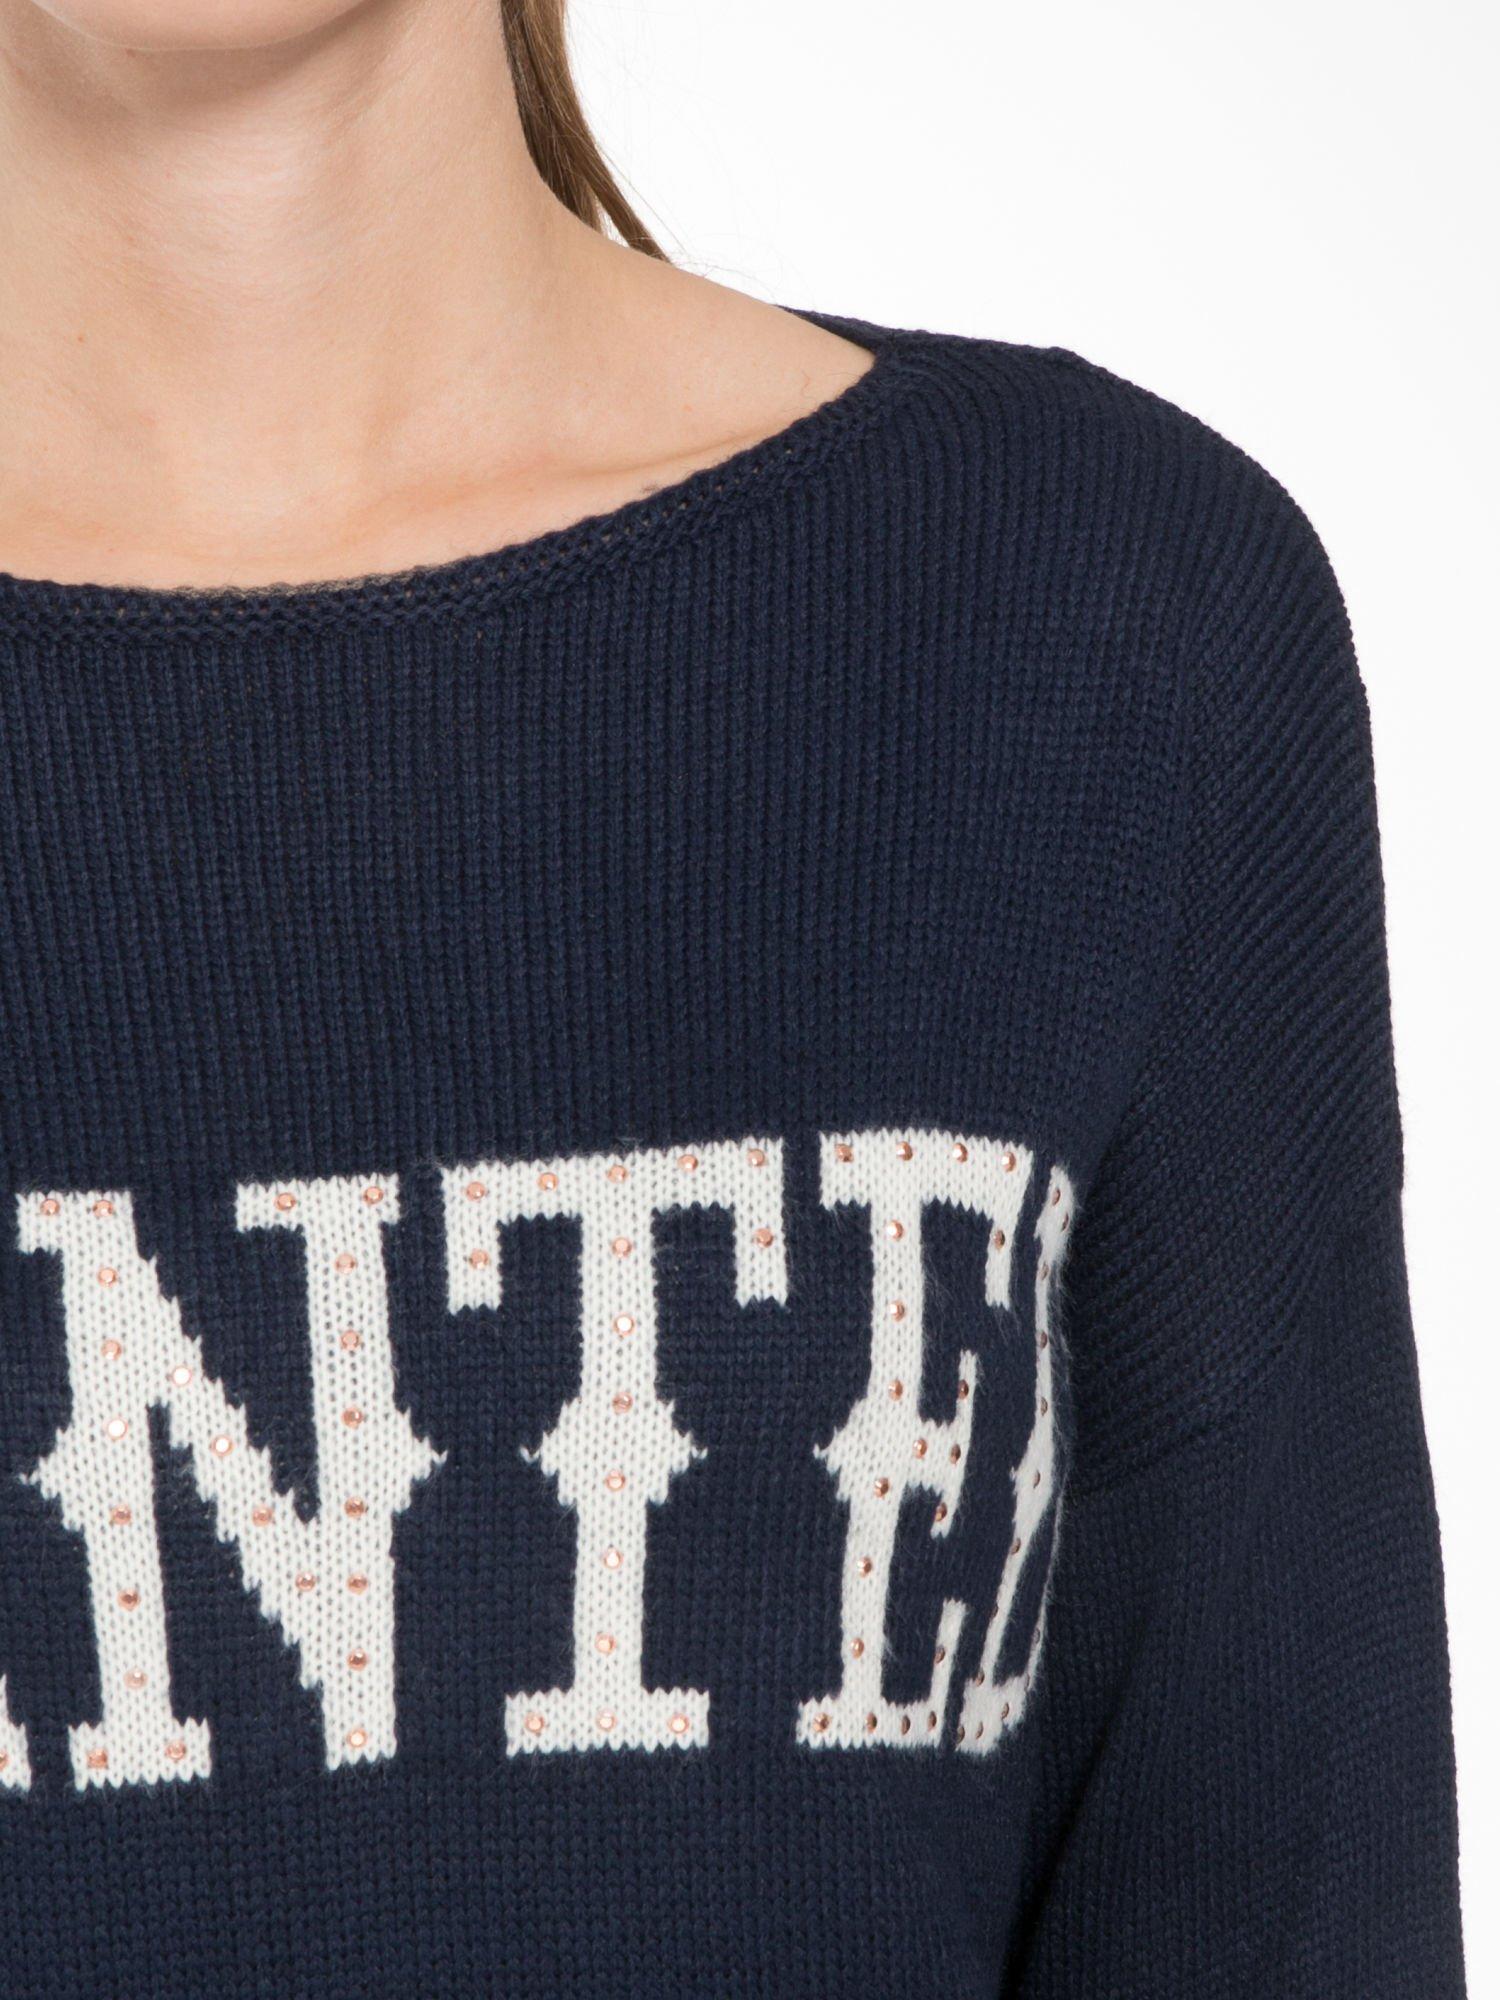 Granatowy sweter z nadrukiem WANTED i dżetami                                  zdj.                                  5